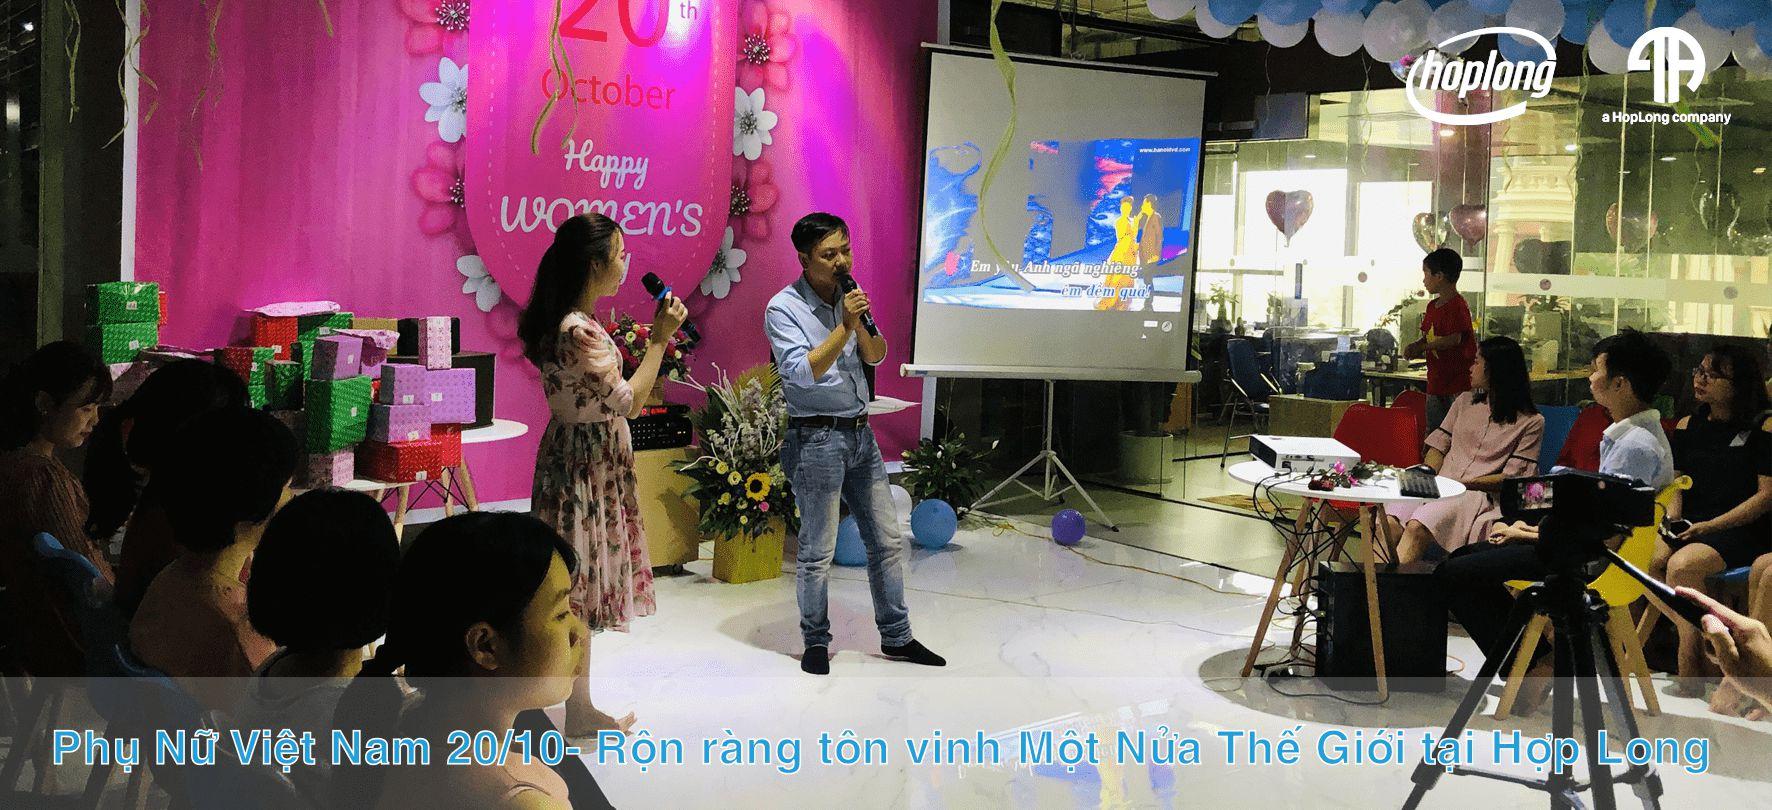 Phụ Nữ Việt Nam 20/10- Rộn ràng tôn vinh Một Nửa Thế Giới tại Hợp Long